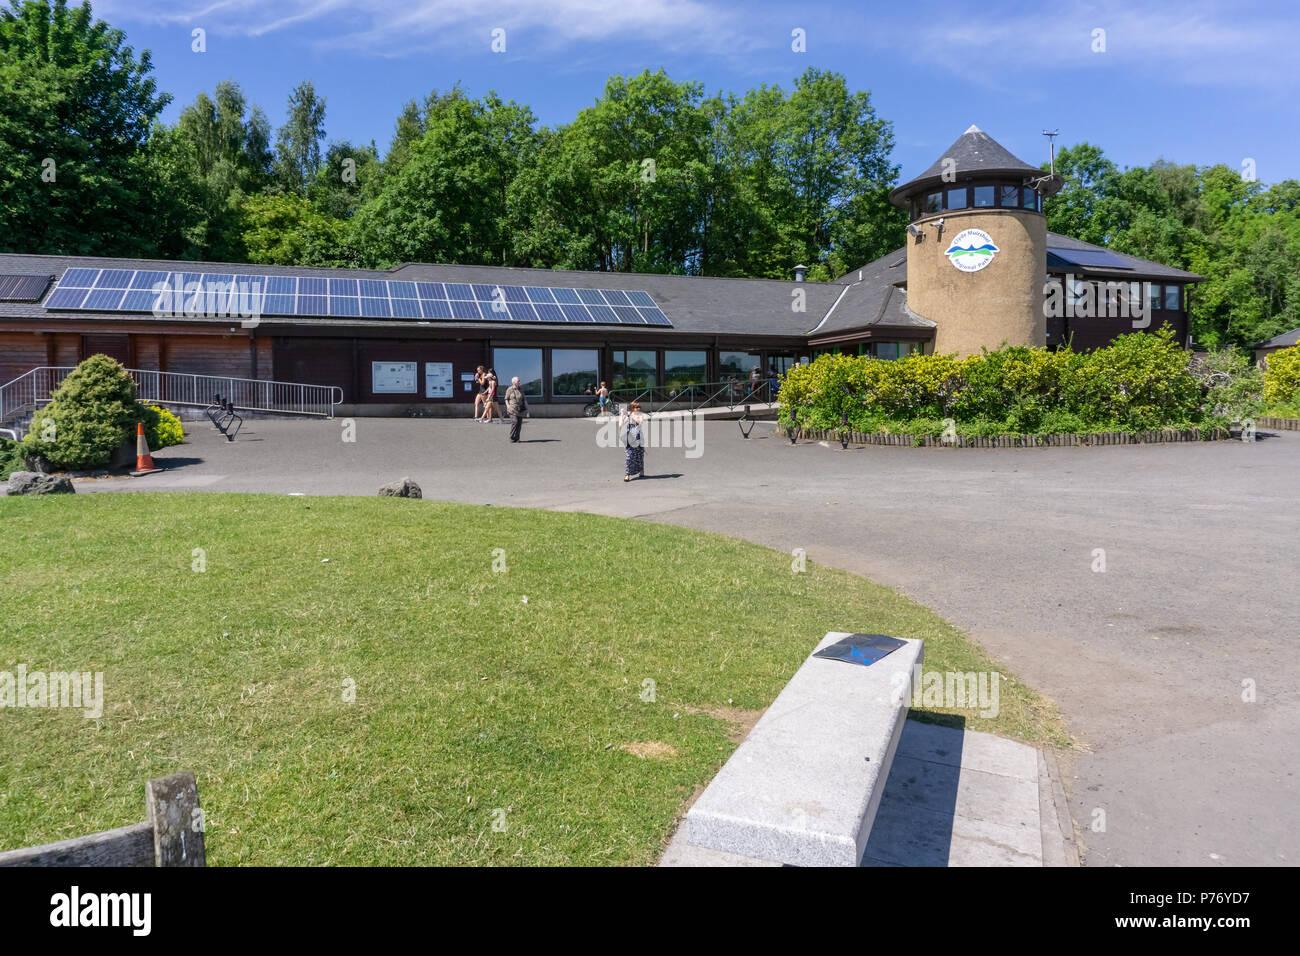 Lochwinnoch, Scotland, UK - July 01, 2018: Clyde Muirshiel Castle Semple visitors centre in Lochwinnoch taking advantage of the unusual hot weather in - Stock Image